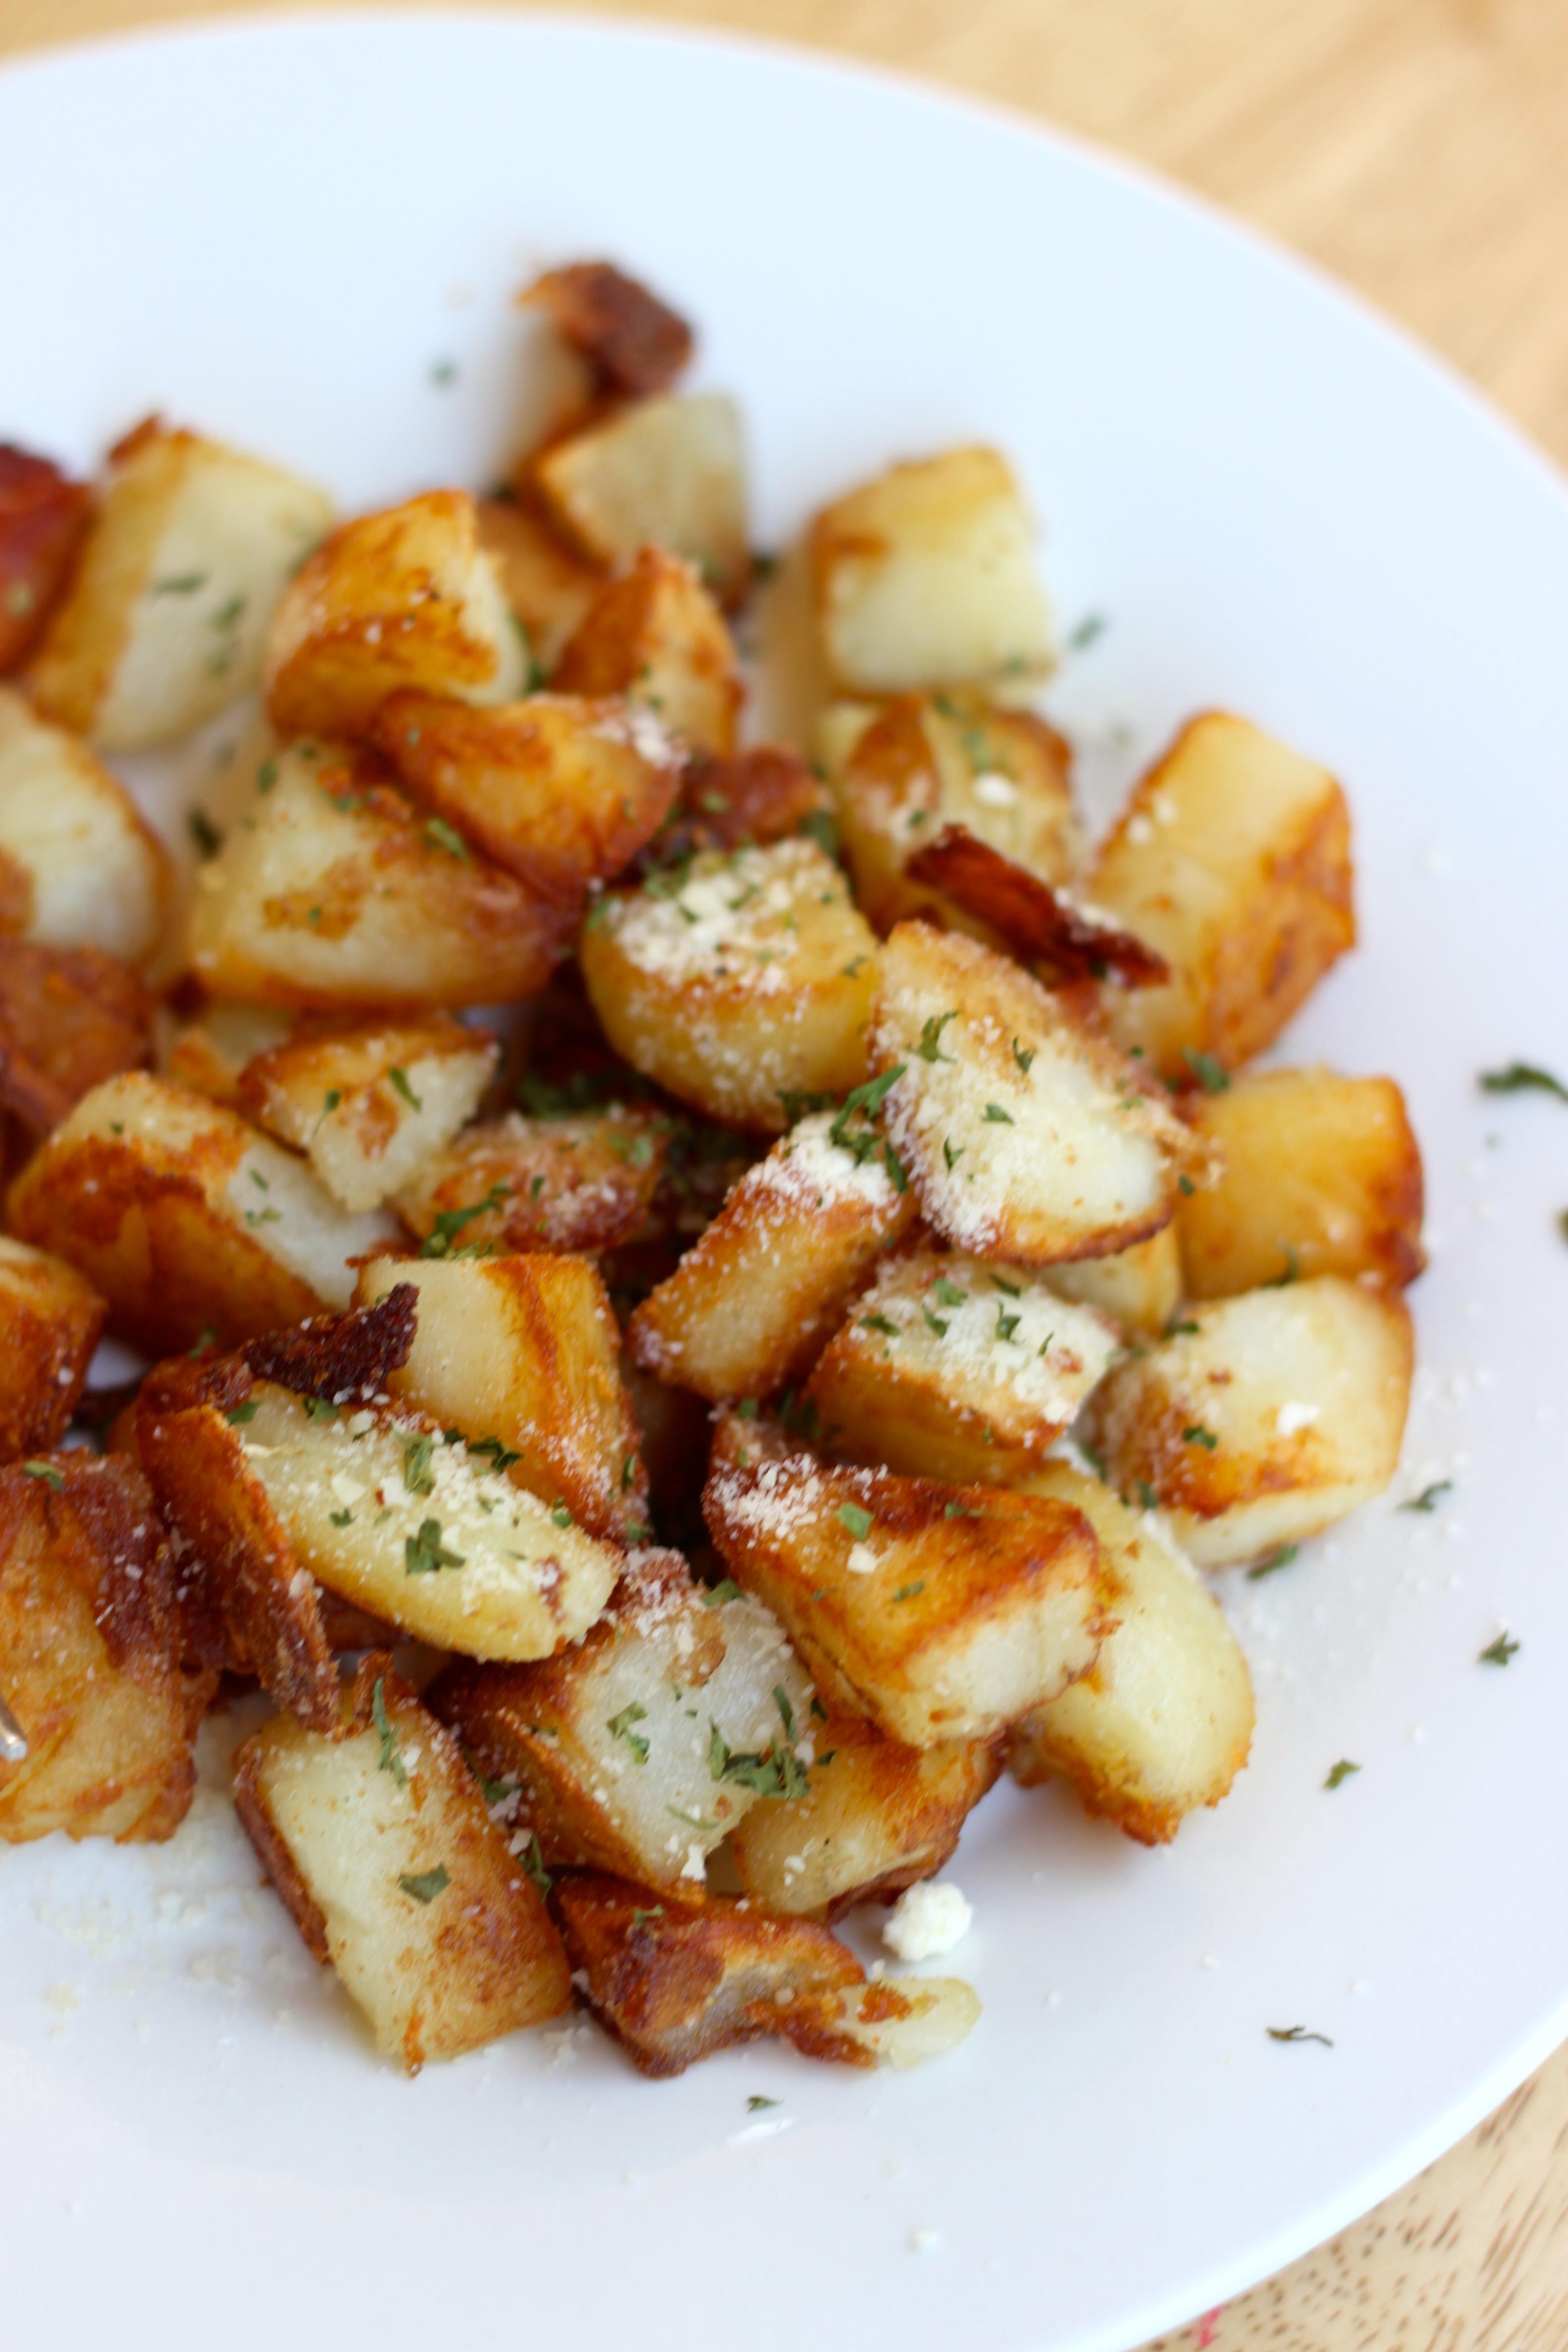 Fried Breakfast Potatoes  The Best Pan Fried Breakfast Potatoes – The Foo Patootie